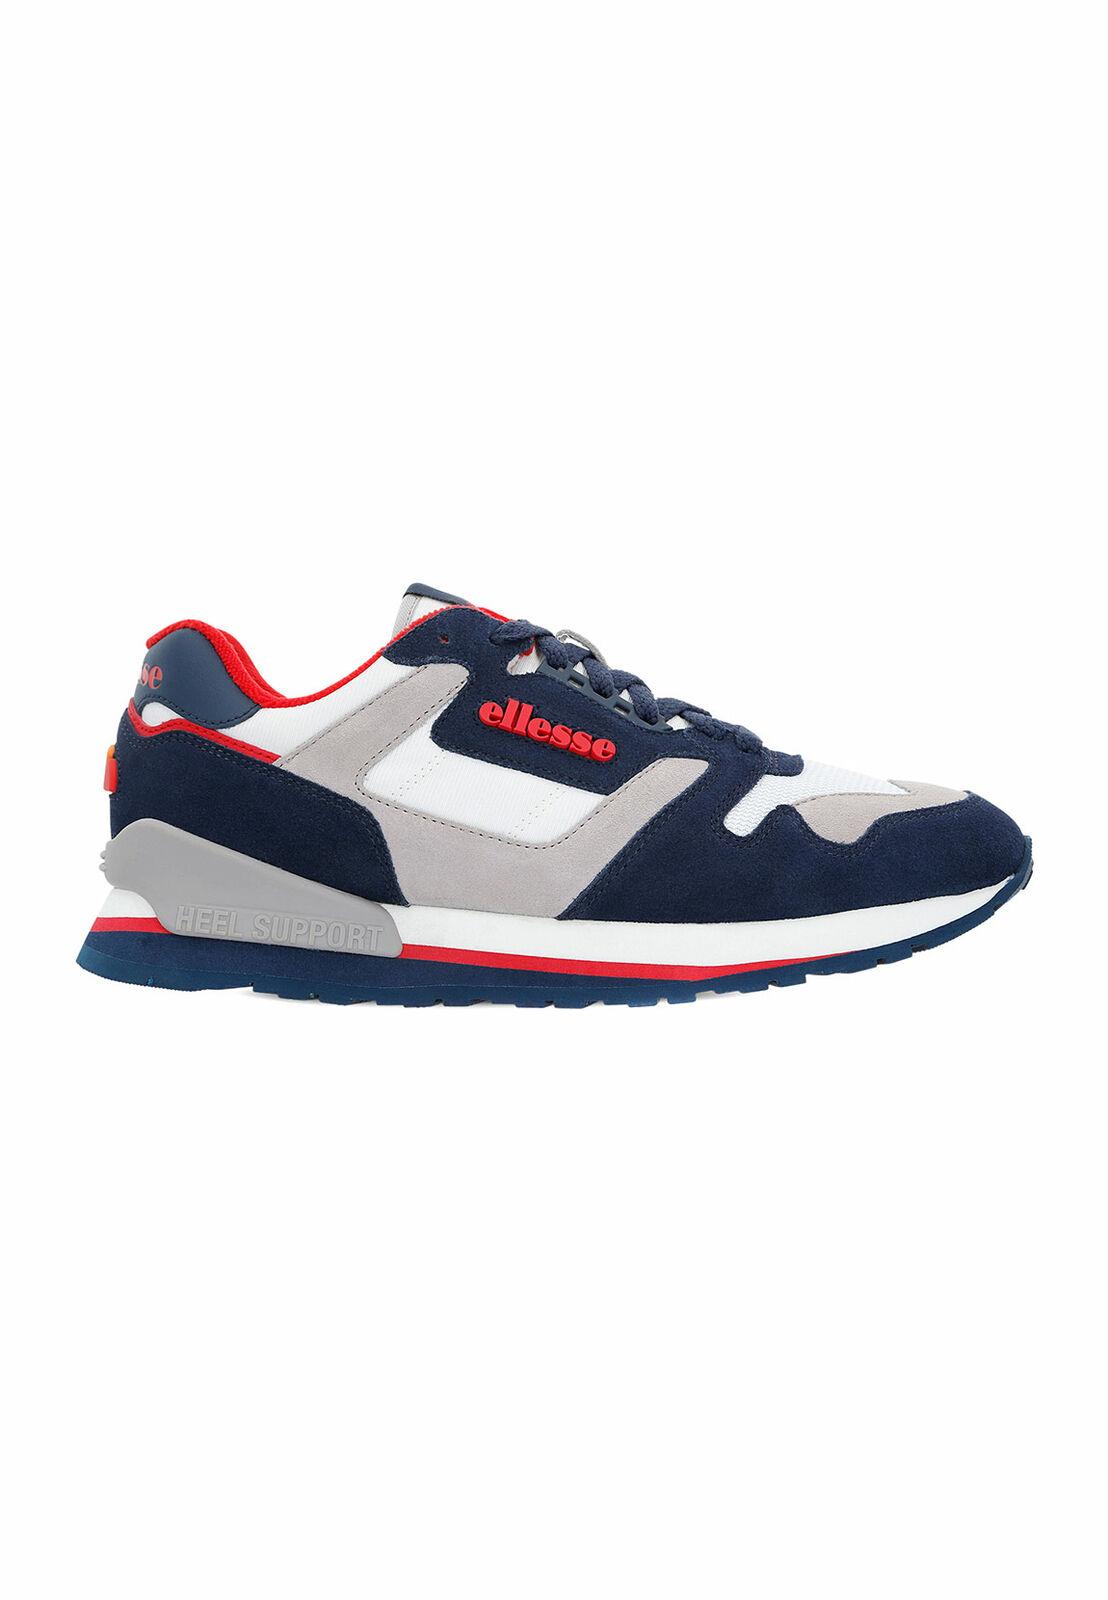 Ellesse Sneaker men 147 pelle Am 6-10332 Multicolor Dk bluee grey Wht